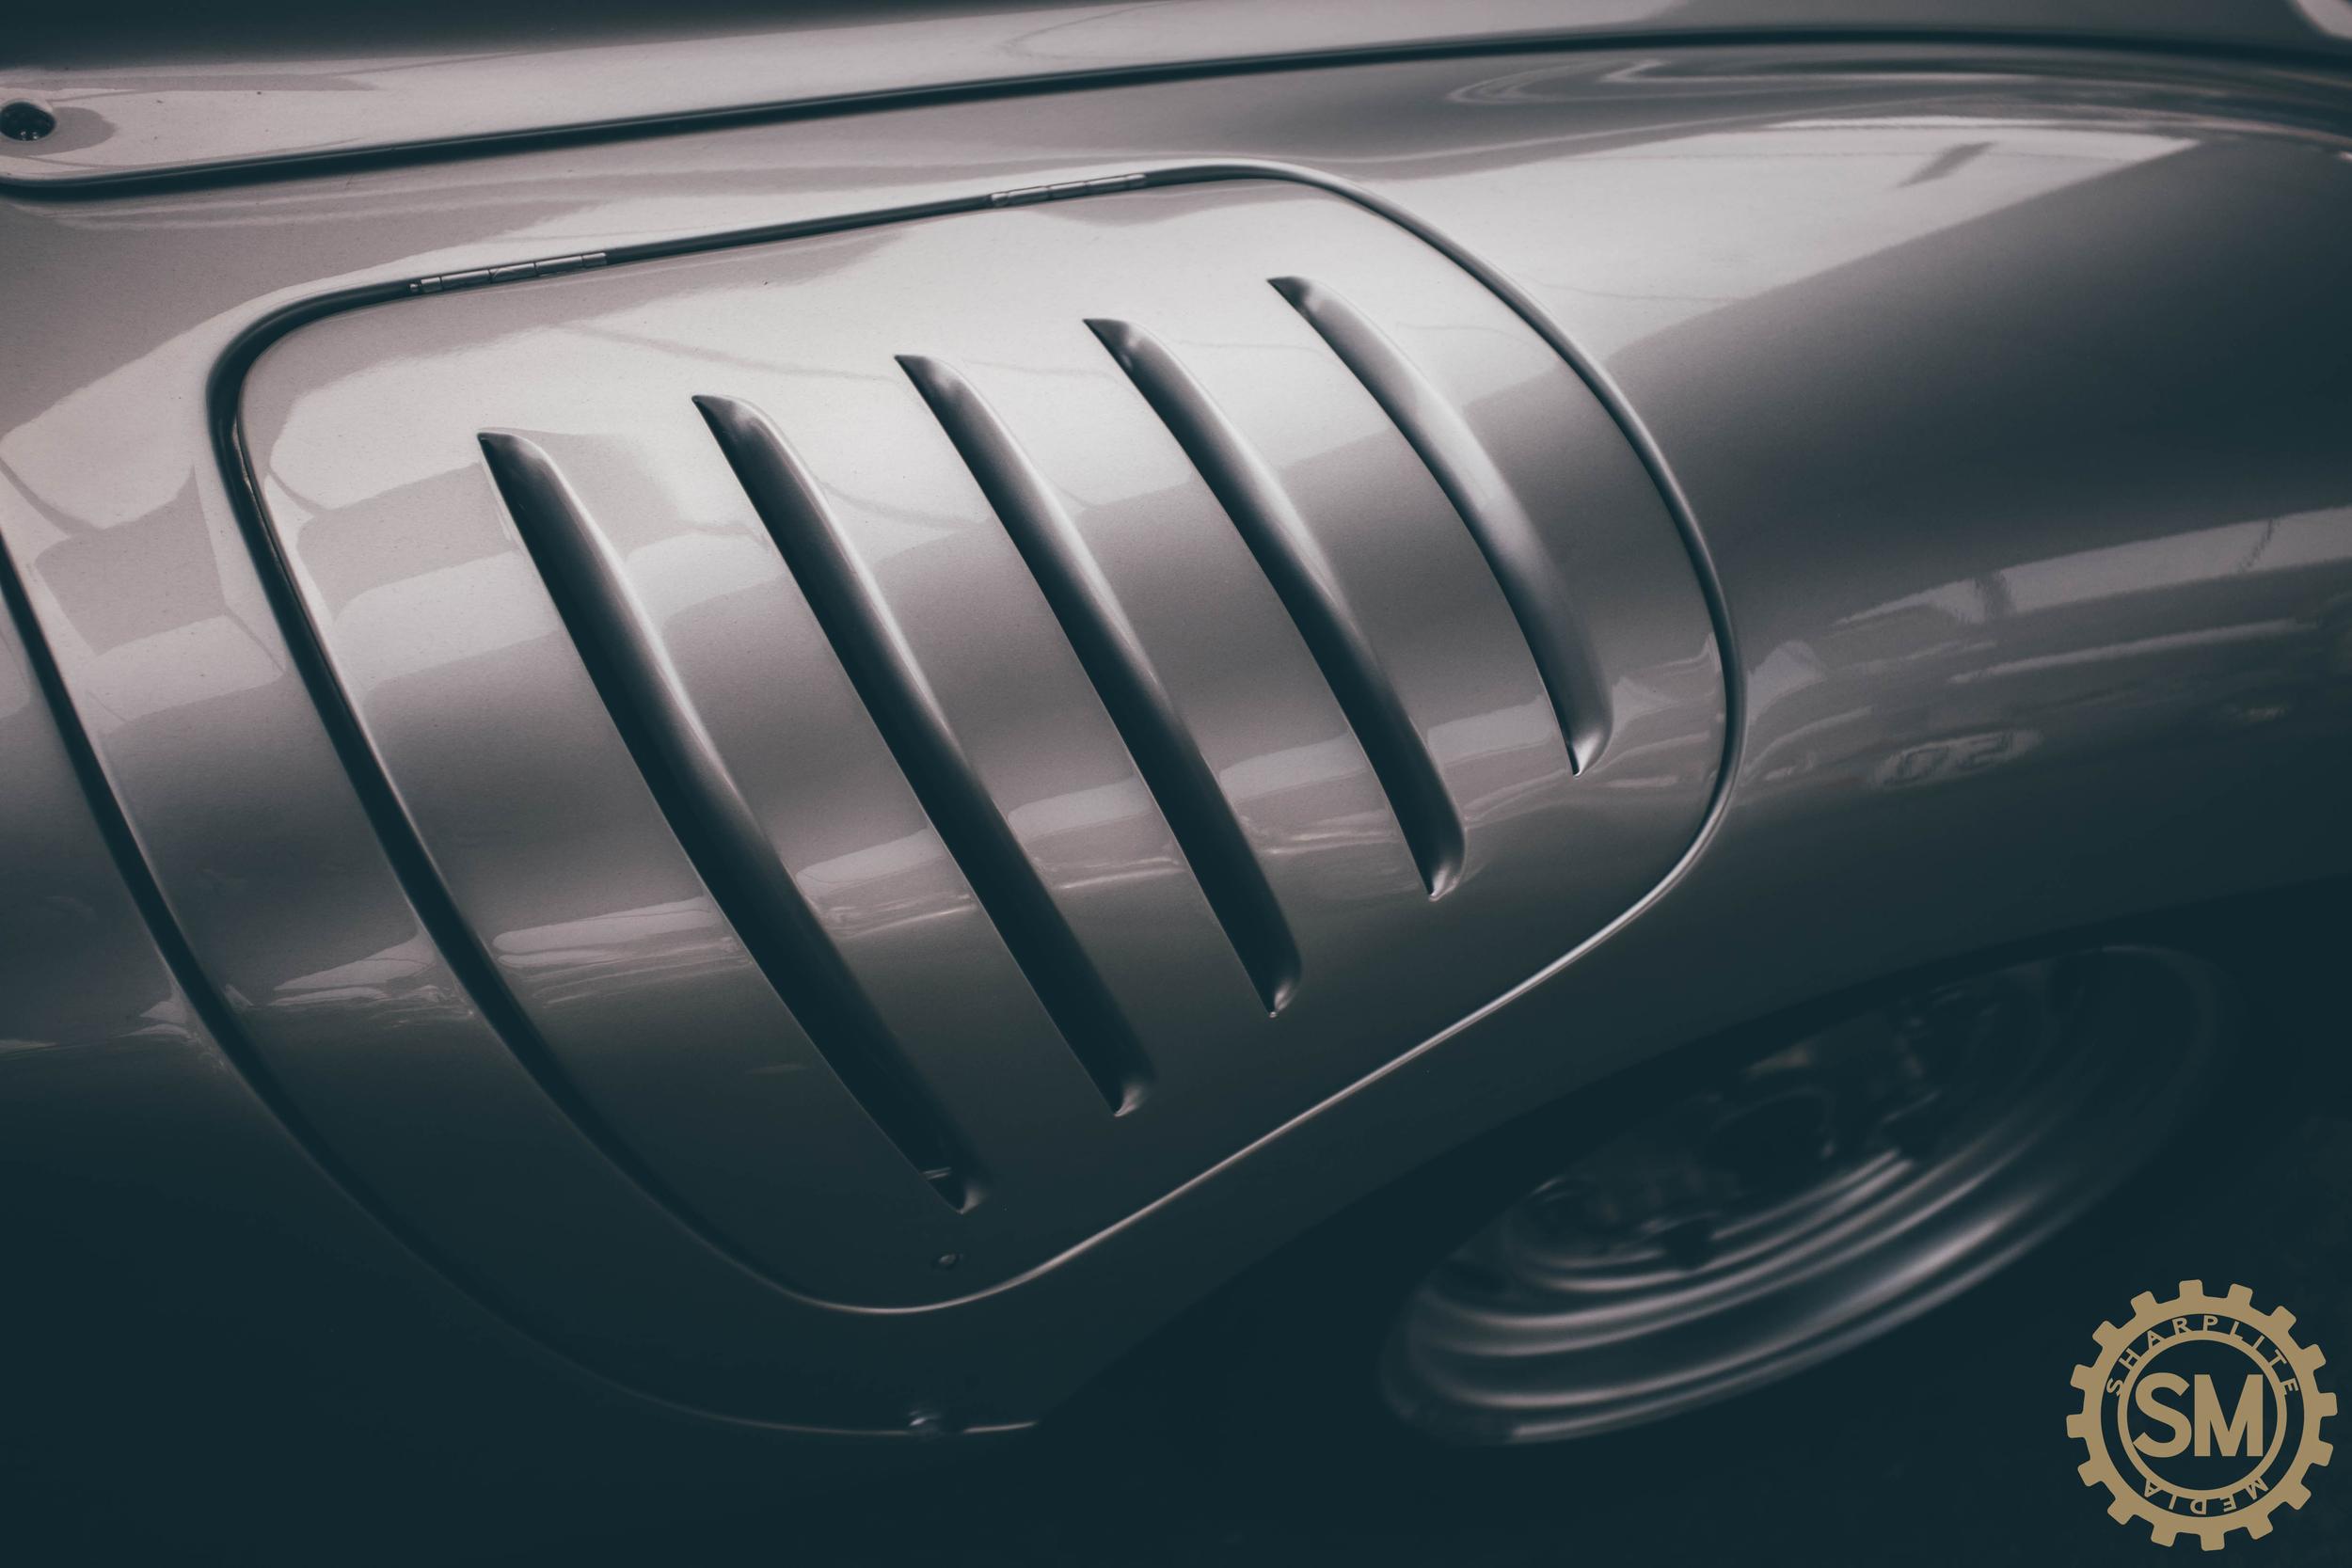 Porsche_FINAL-52.jpg